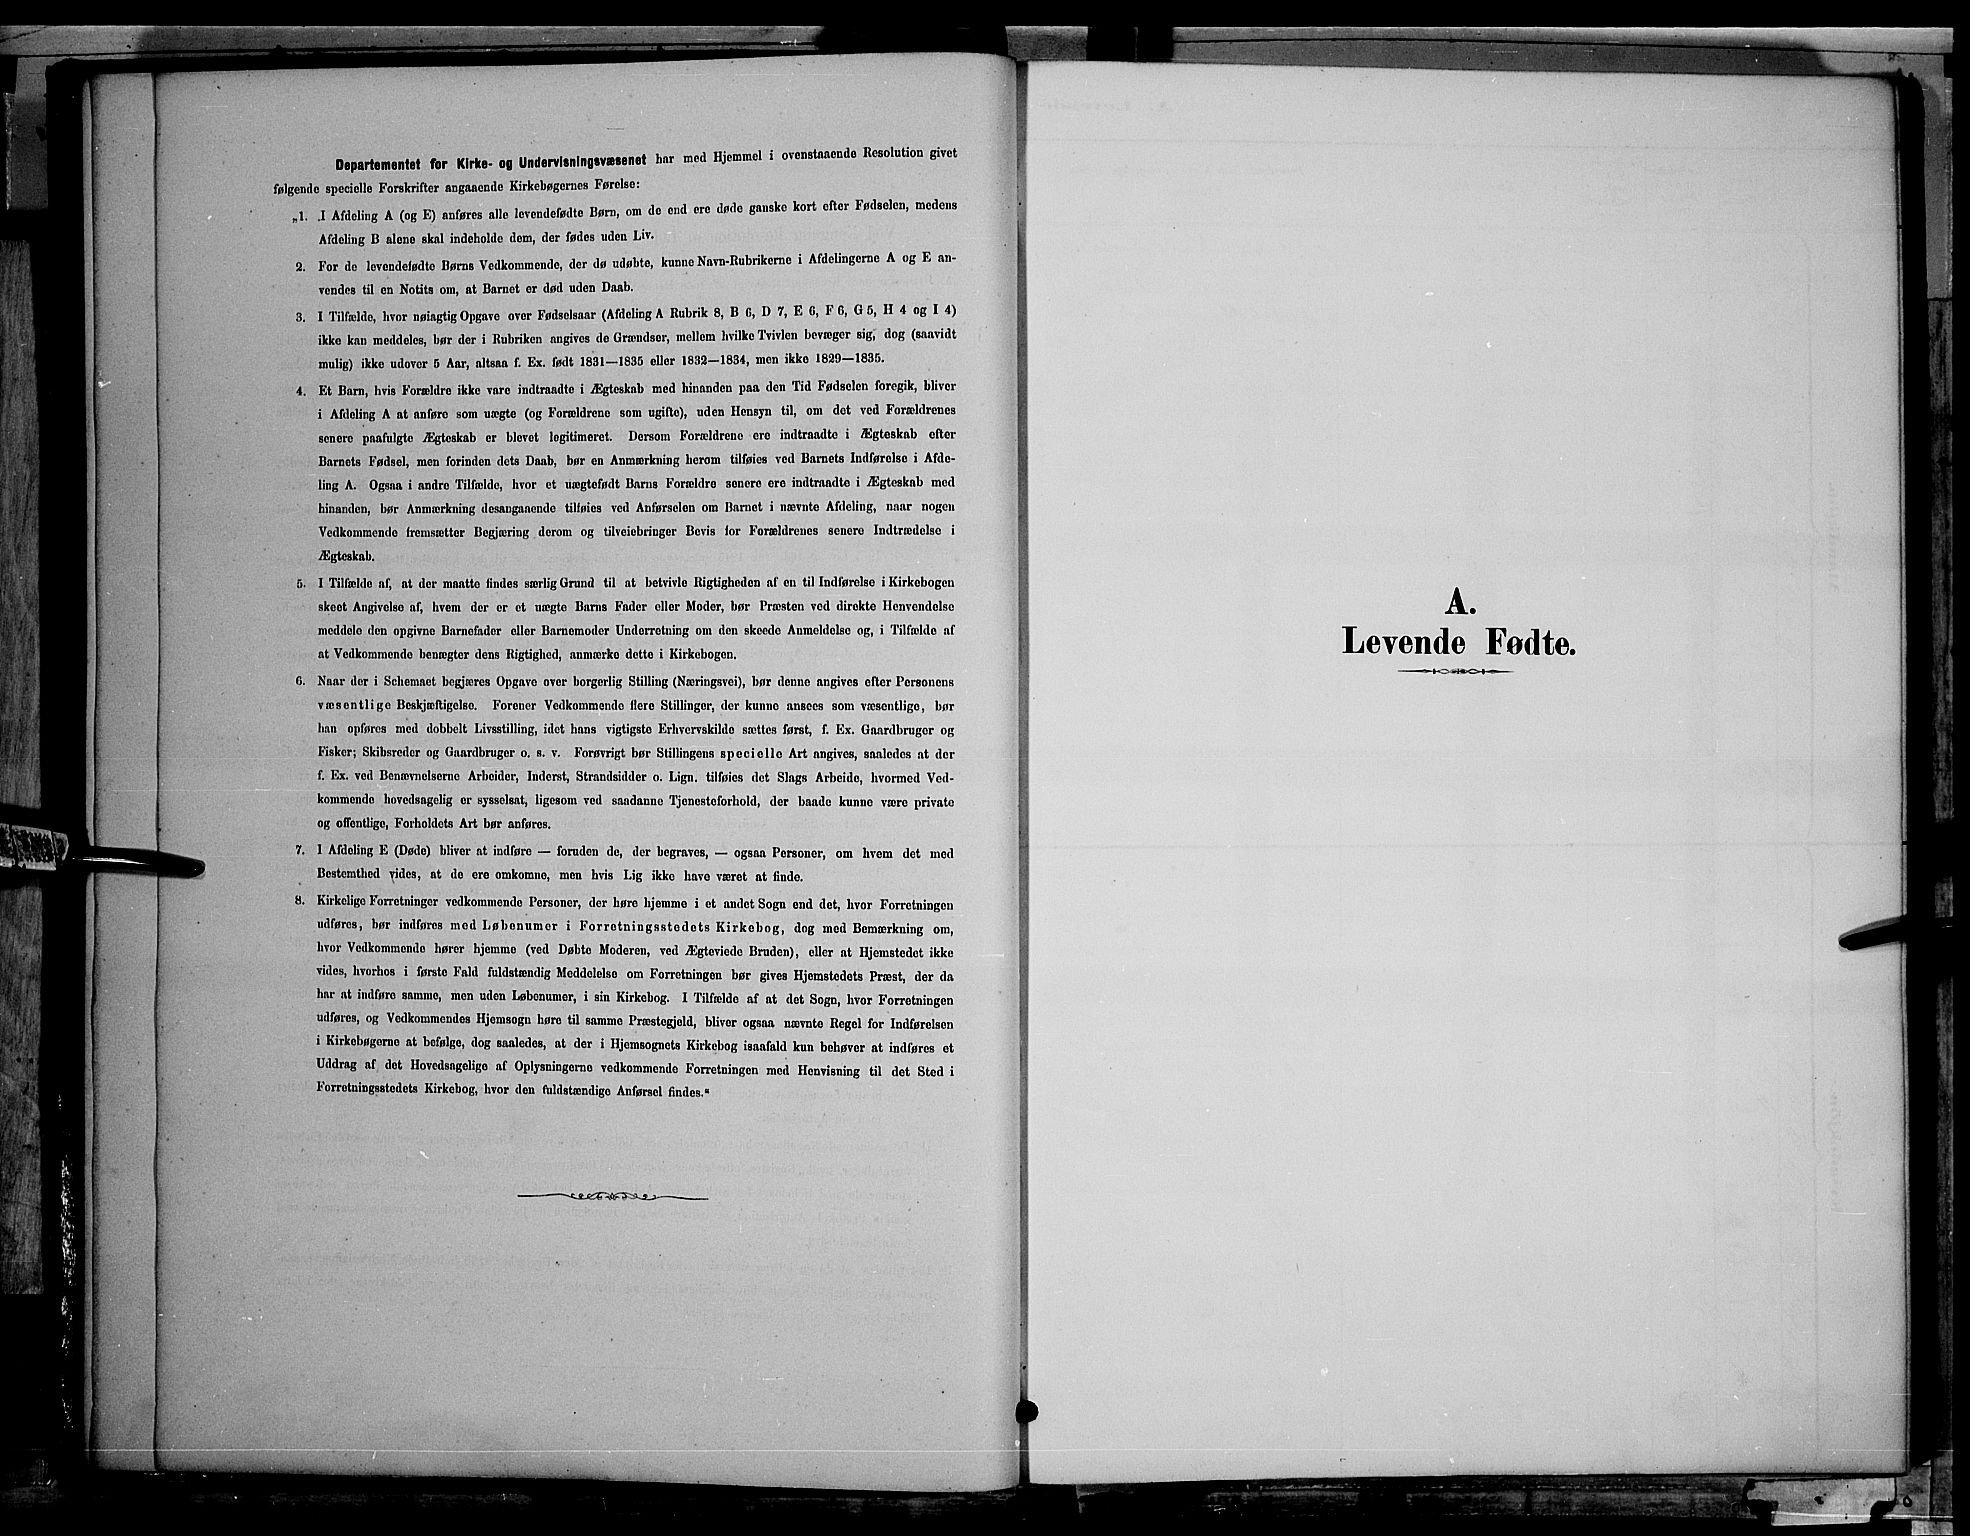 SAH, Søndre Land prestekontor, L/L0002: Klokkerbok nr. 2, 1884-1900